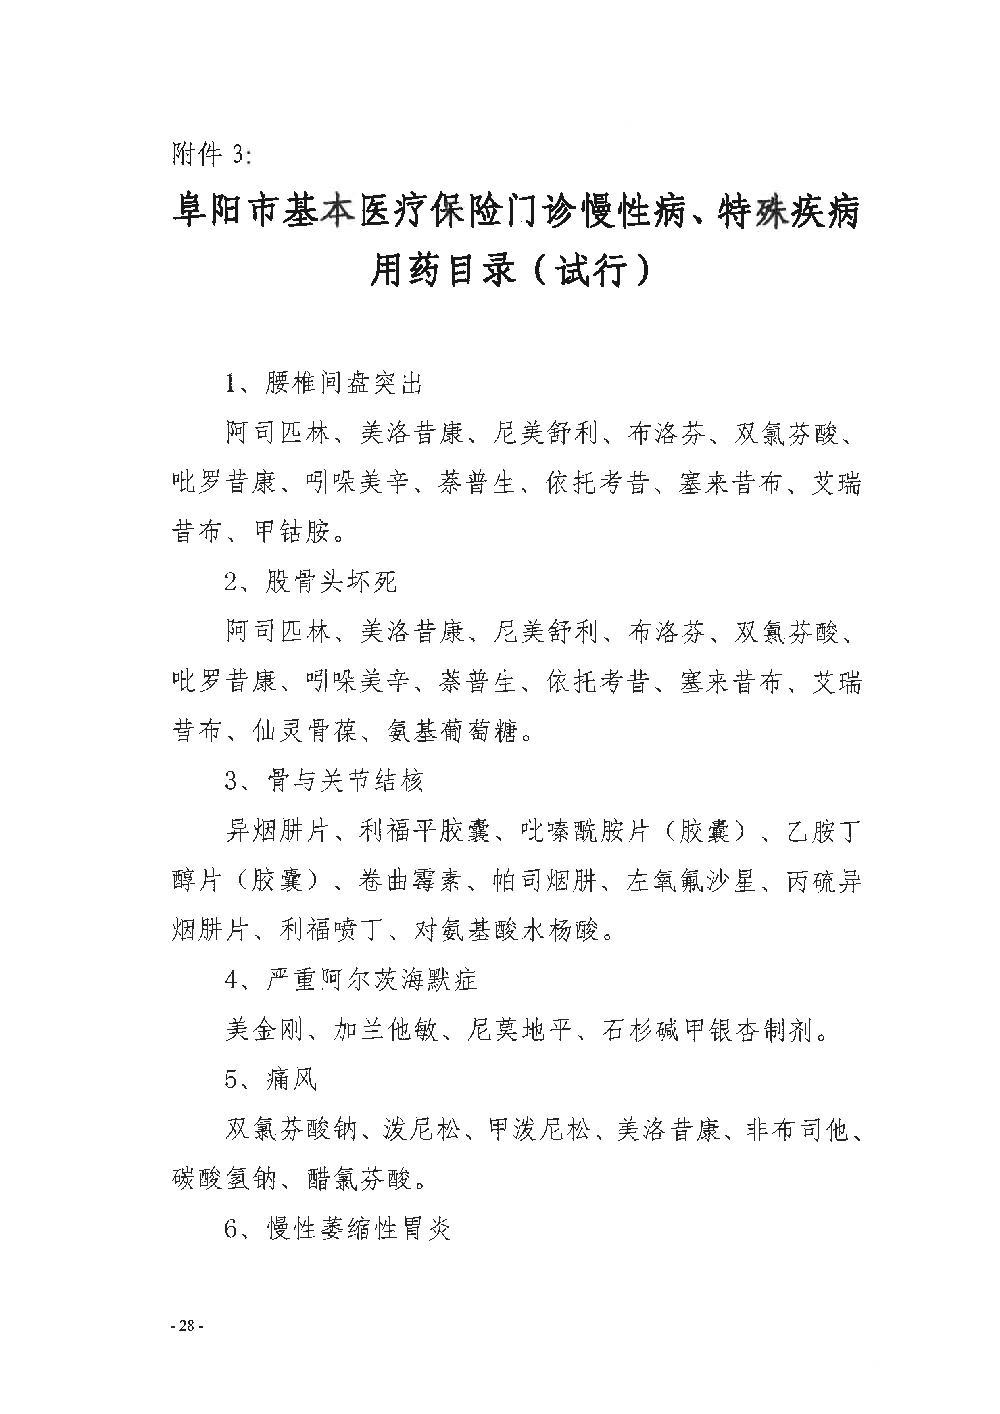 阜阳市城乡居民慢性病管理办法(1)_28.JPG